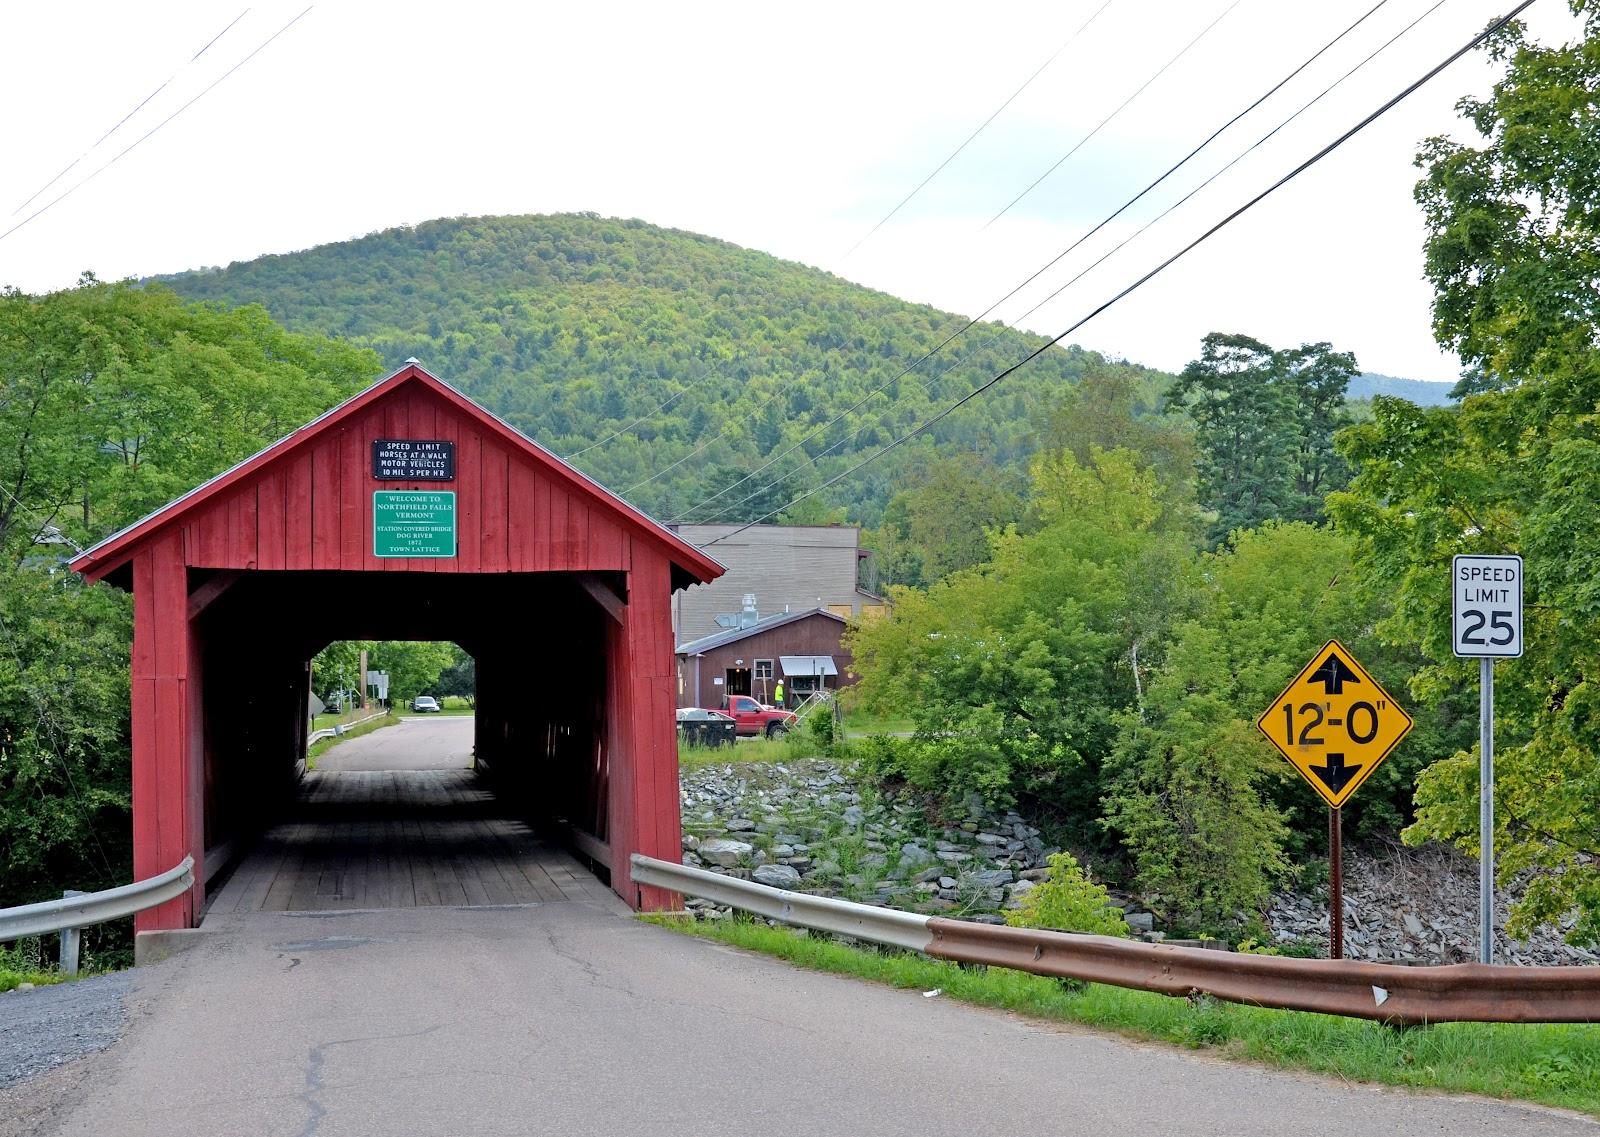 baugh s blog photo essay covered bridges in vermont photo essay covered bridges in vermont